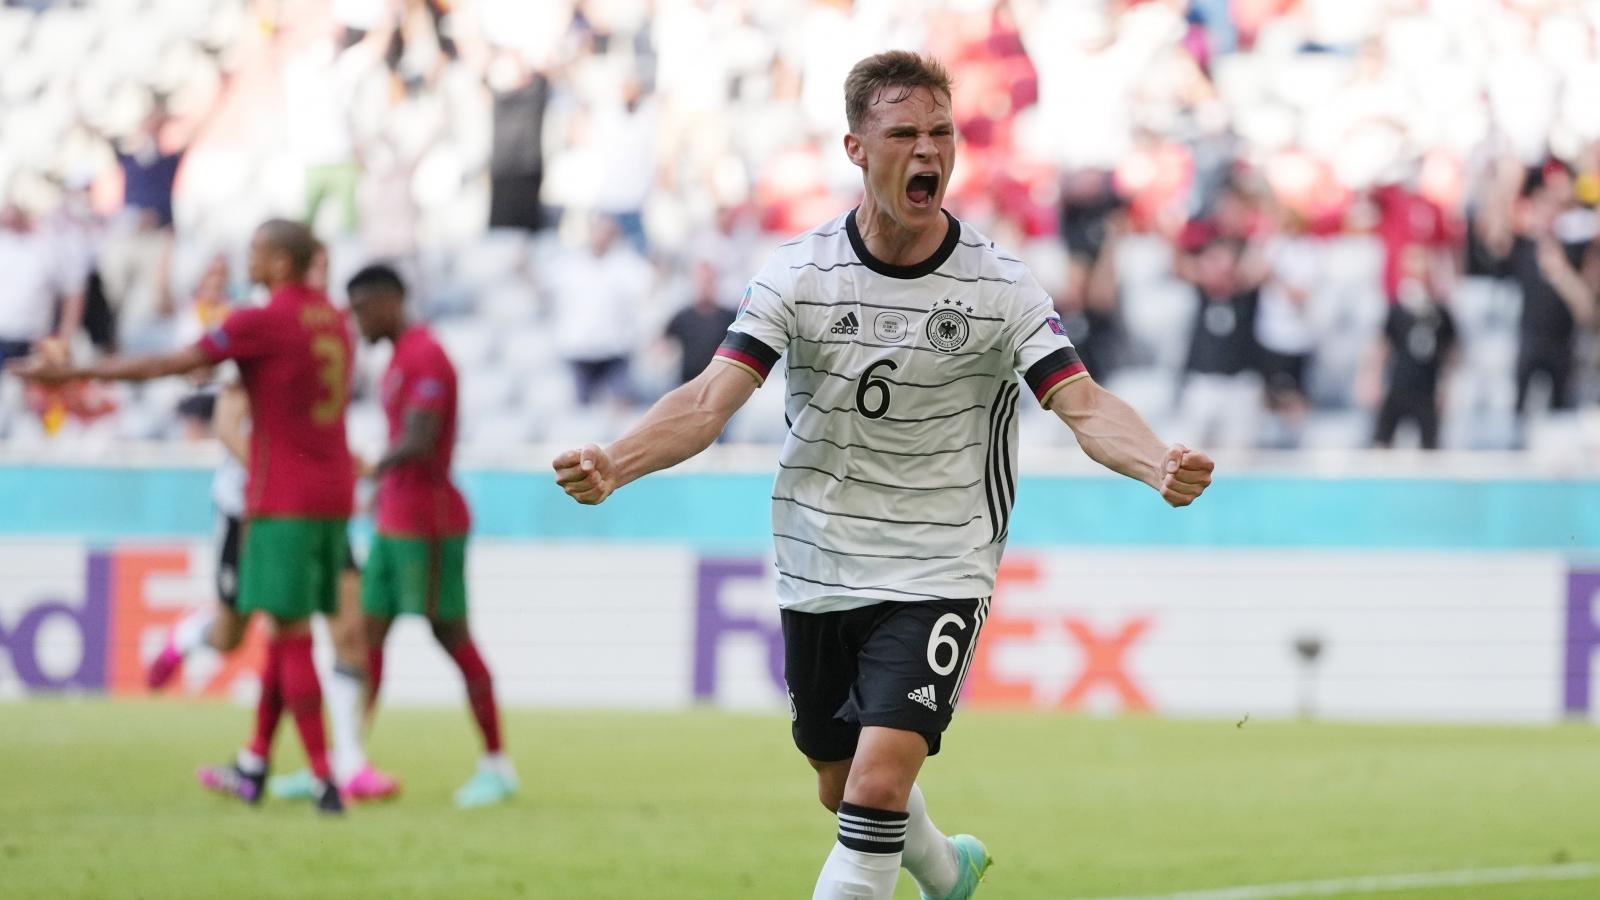 """Được """"tặng"""" 2 bàn thắng, Đức ngược dòng thần thánh trước Bồ Đào Nha"""